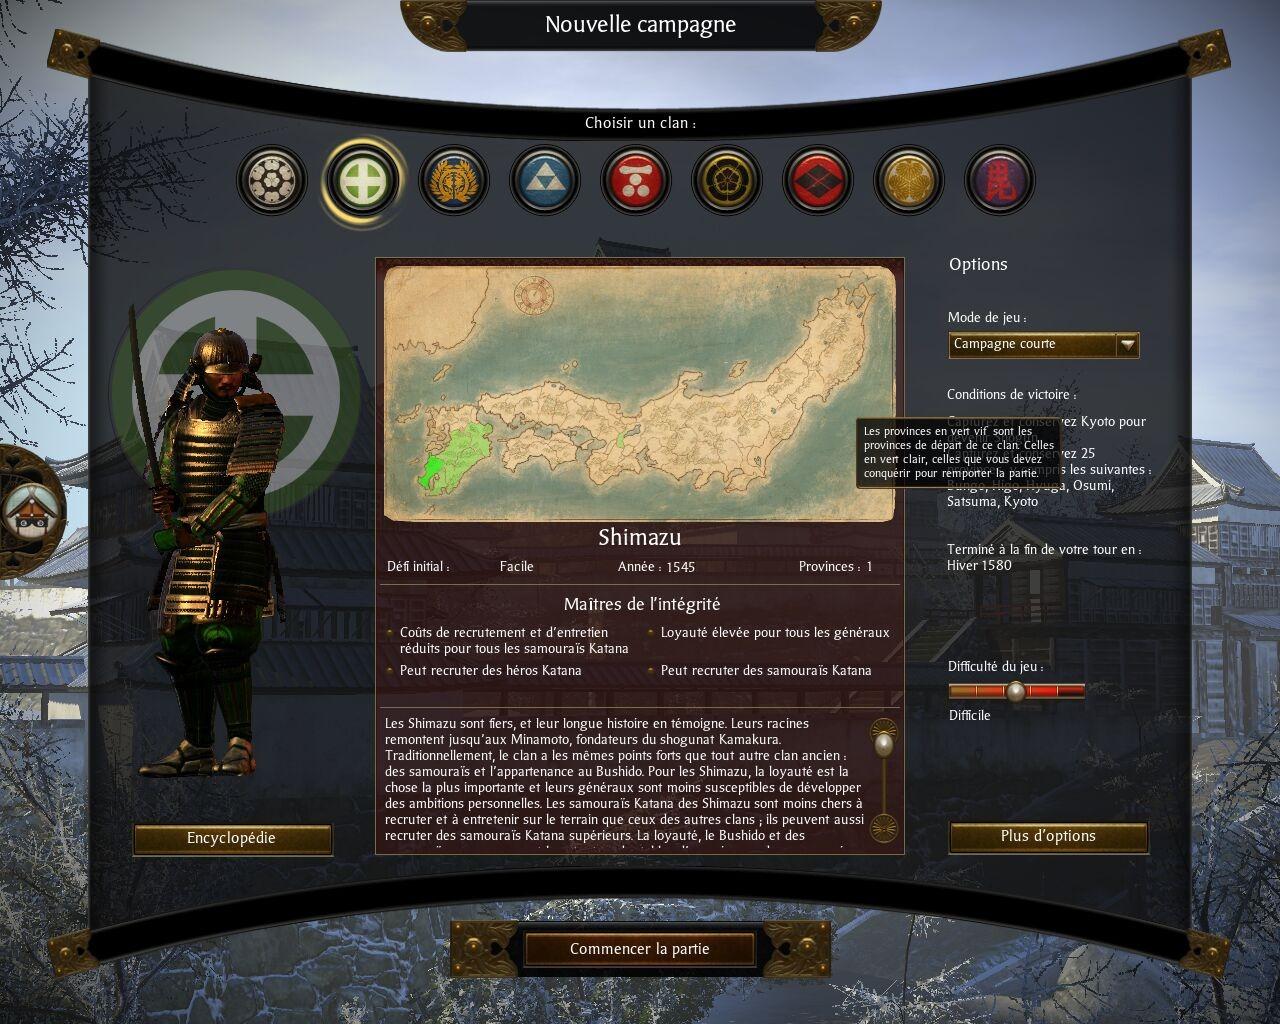 Telecharger total war shogun 2 for Choix ecran pc